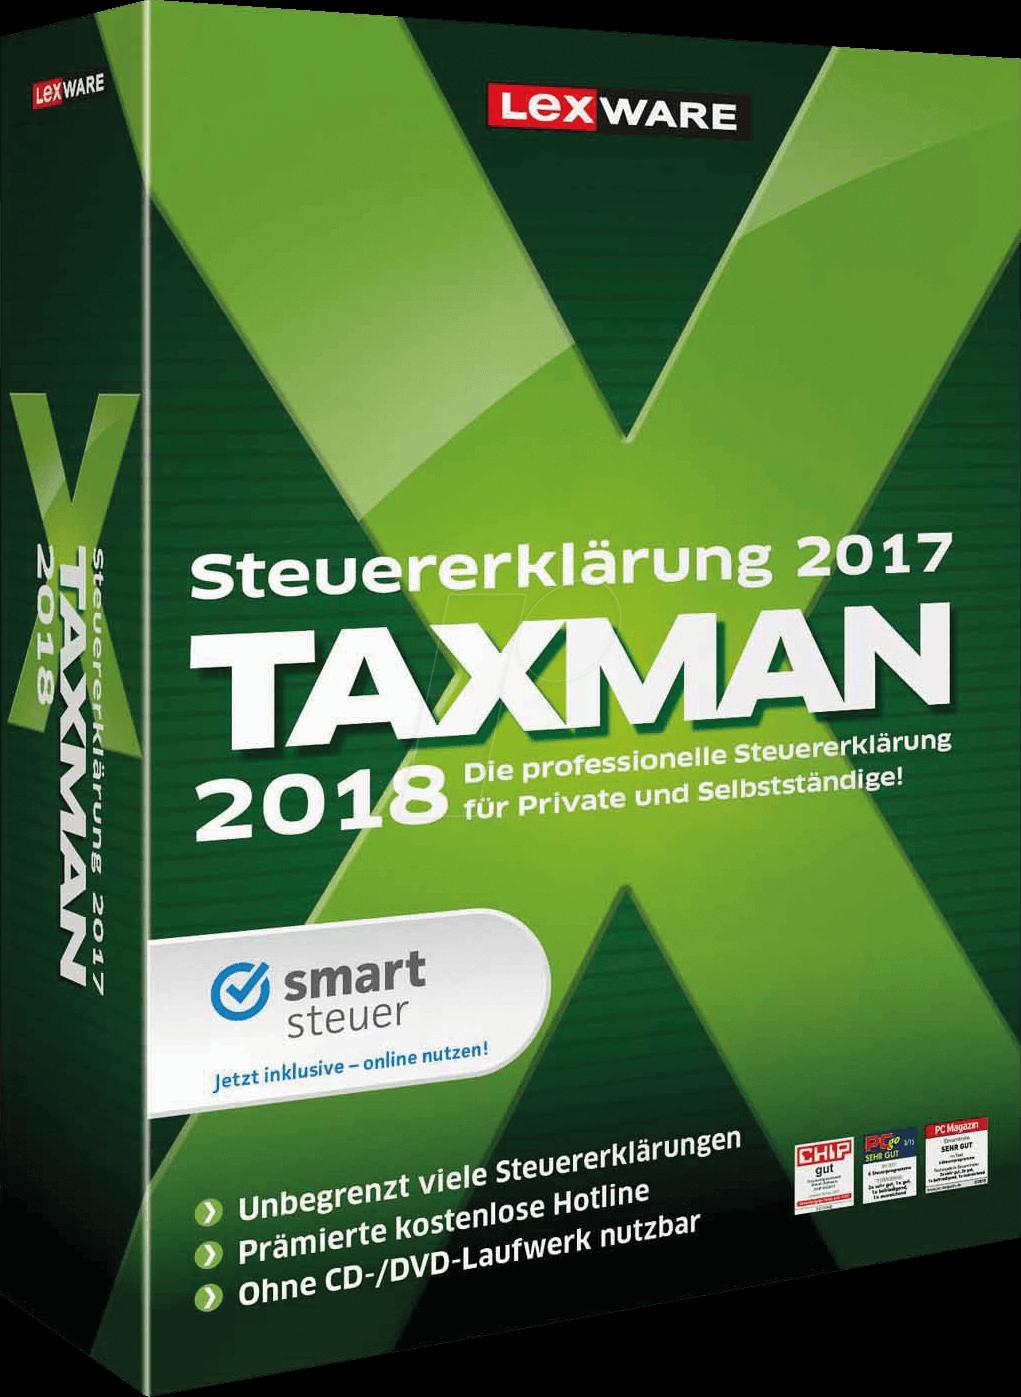 https://cdn-reichelt.de/bilder/web/xxl_ws/E910/LEXWARE_TAXMAN_2018.png